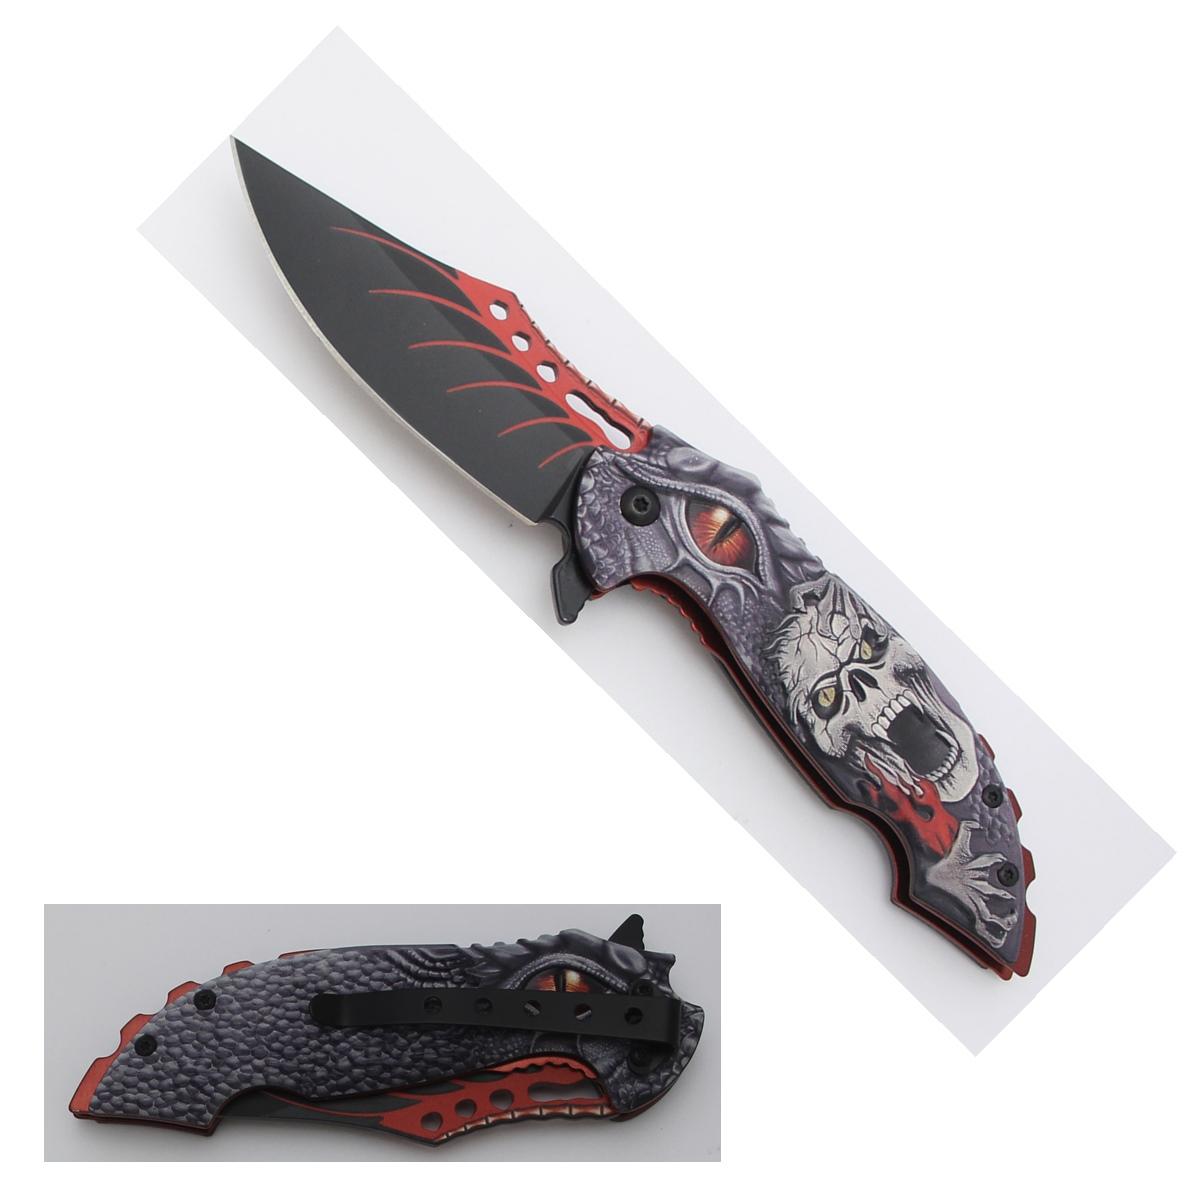 Canivete Esportivo Caça Pesca Etc. 06-1195MK